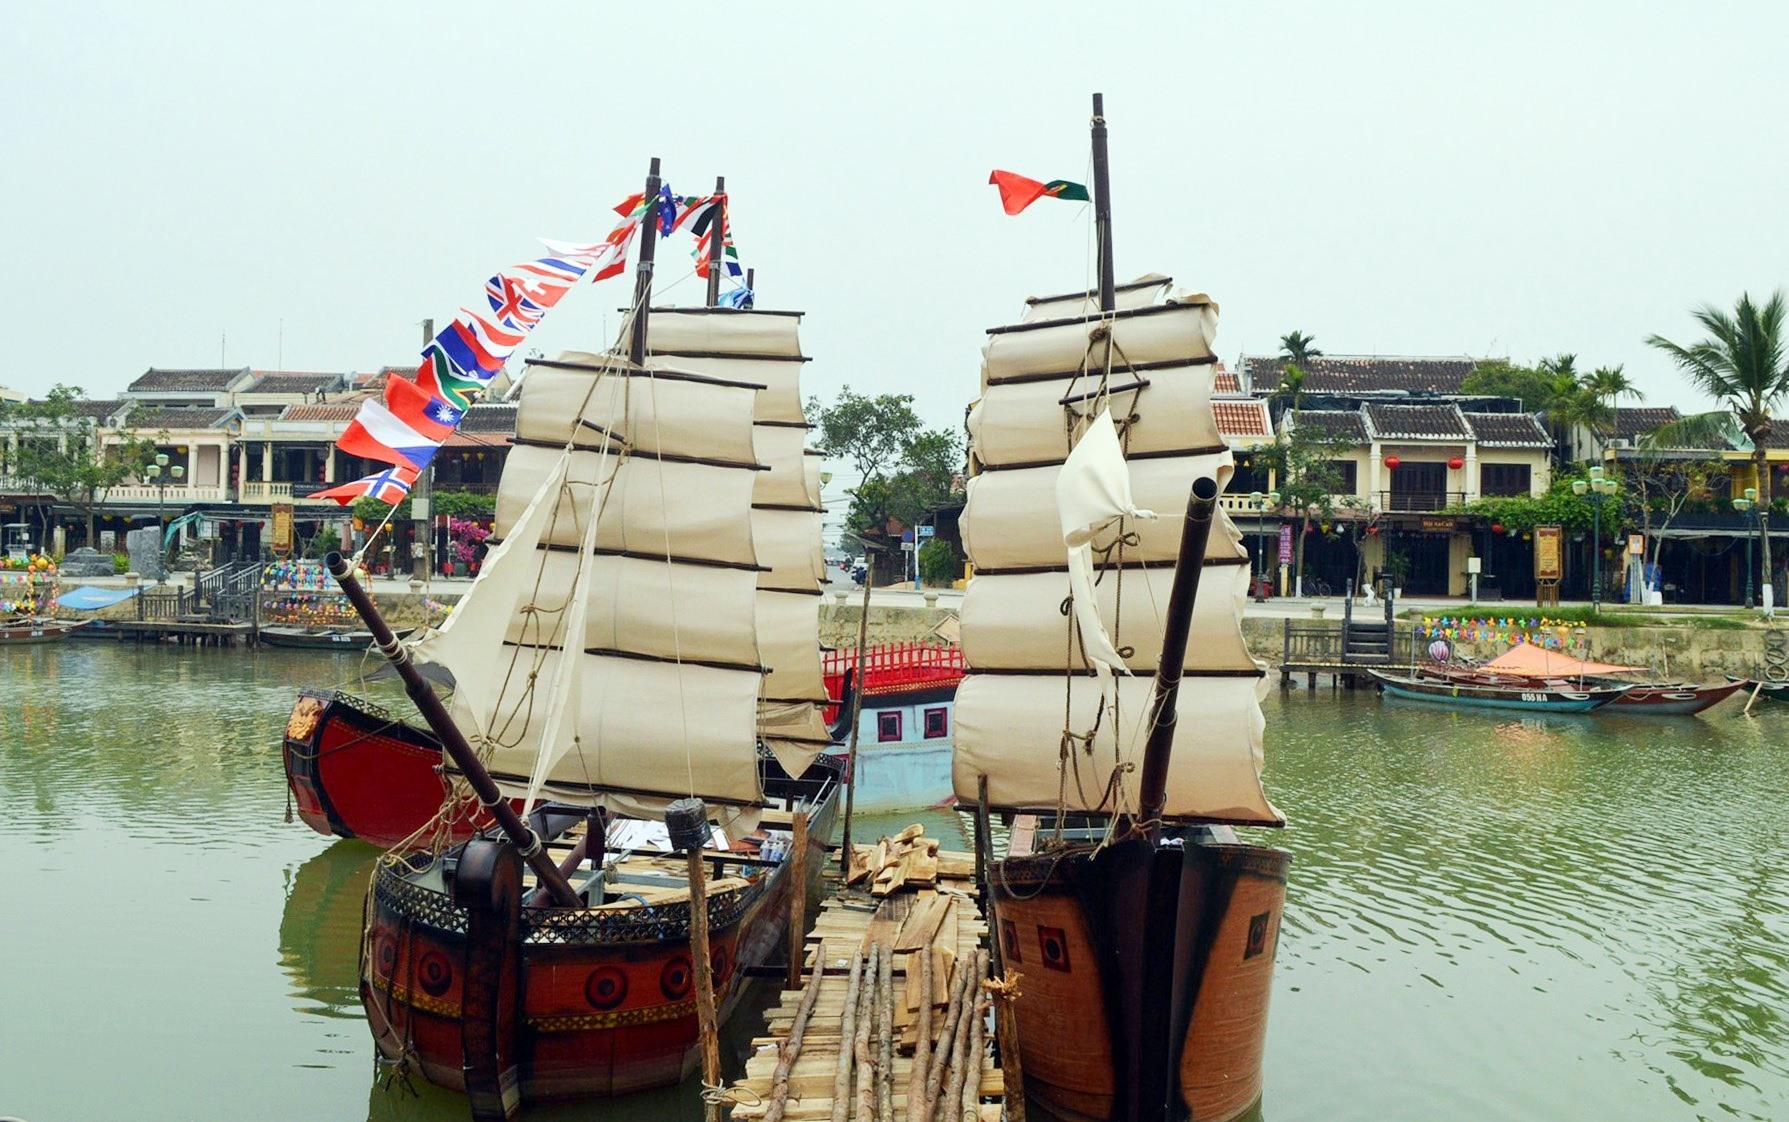 Các tàu treo cờ một số nước đã từng giao thương buôn bán tại Hội An